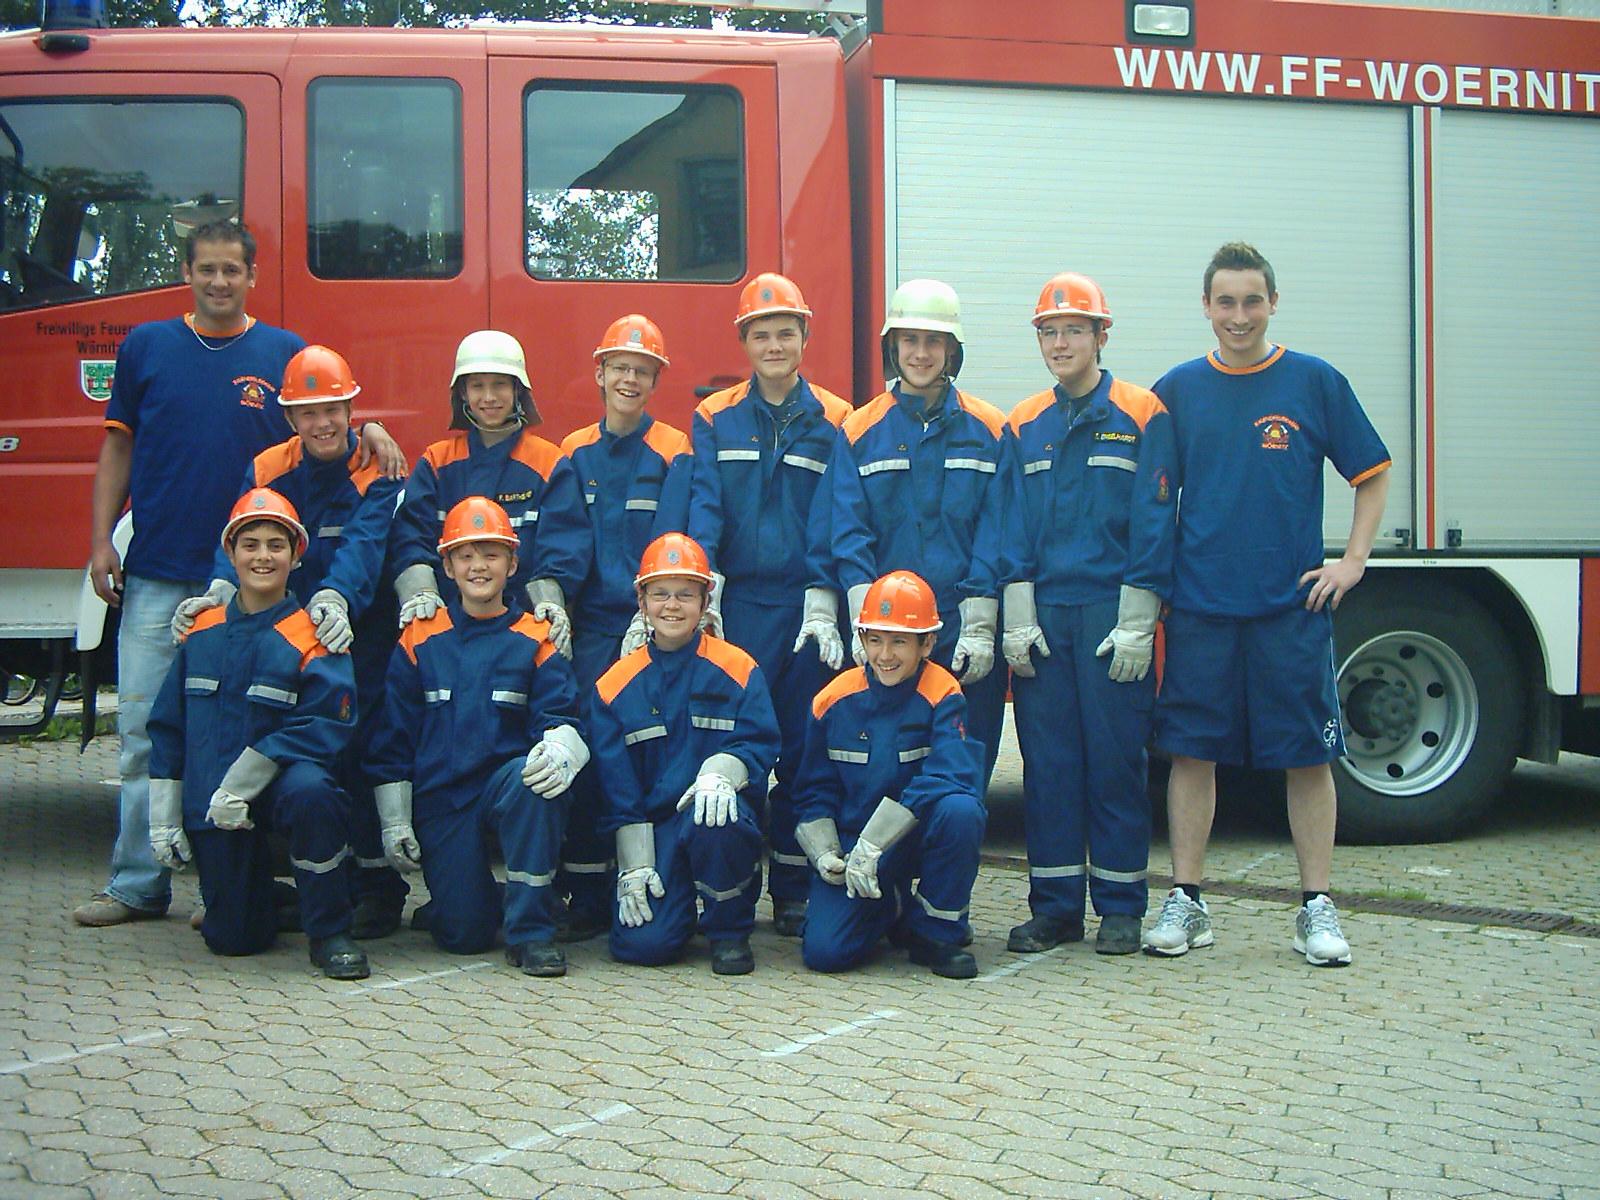 Die Jugendfeuerwehr im Jahr 2007